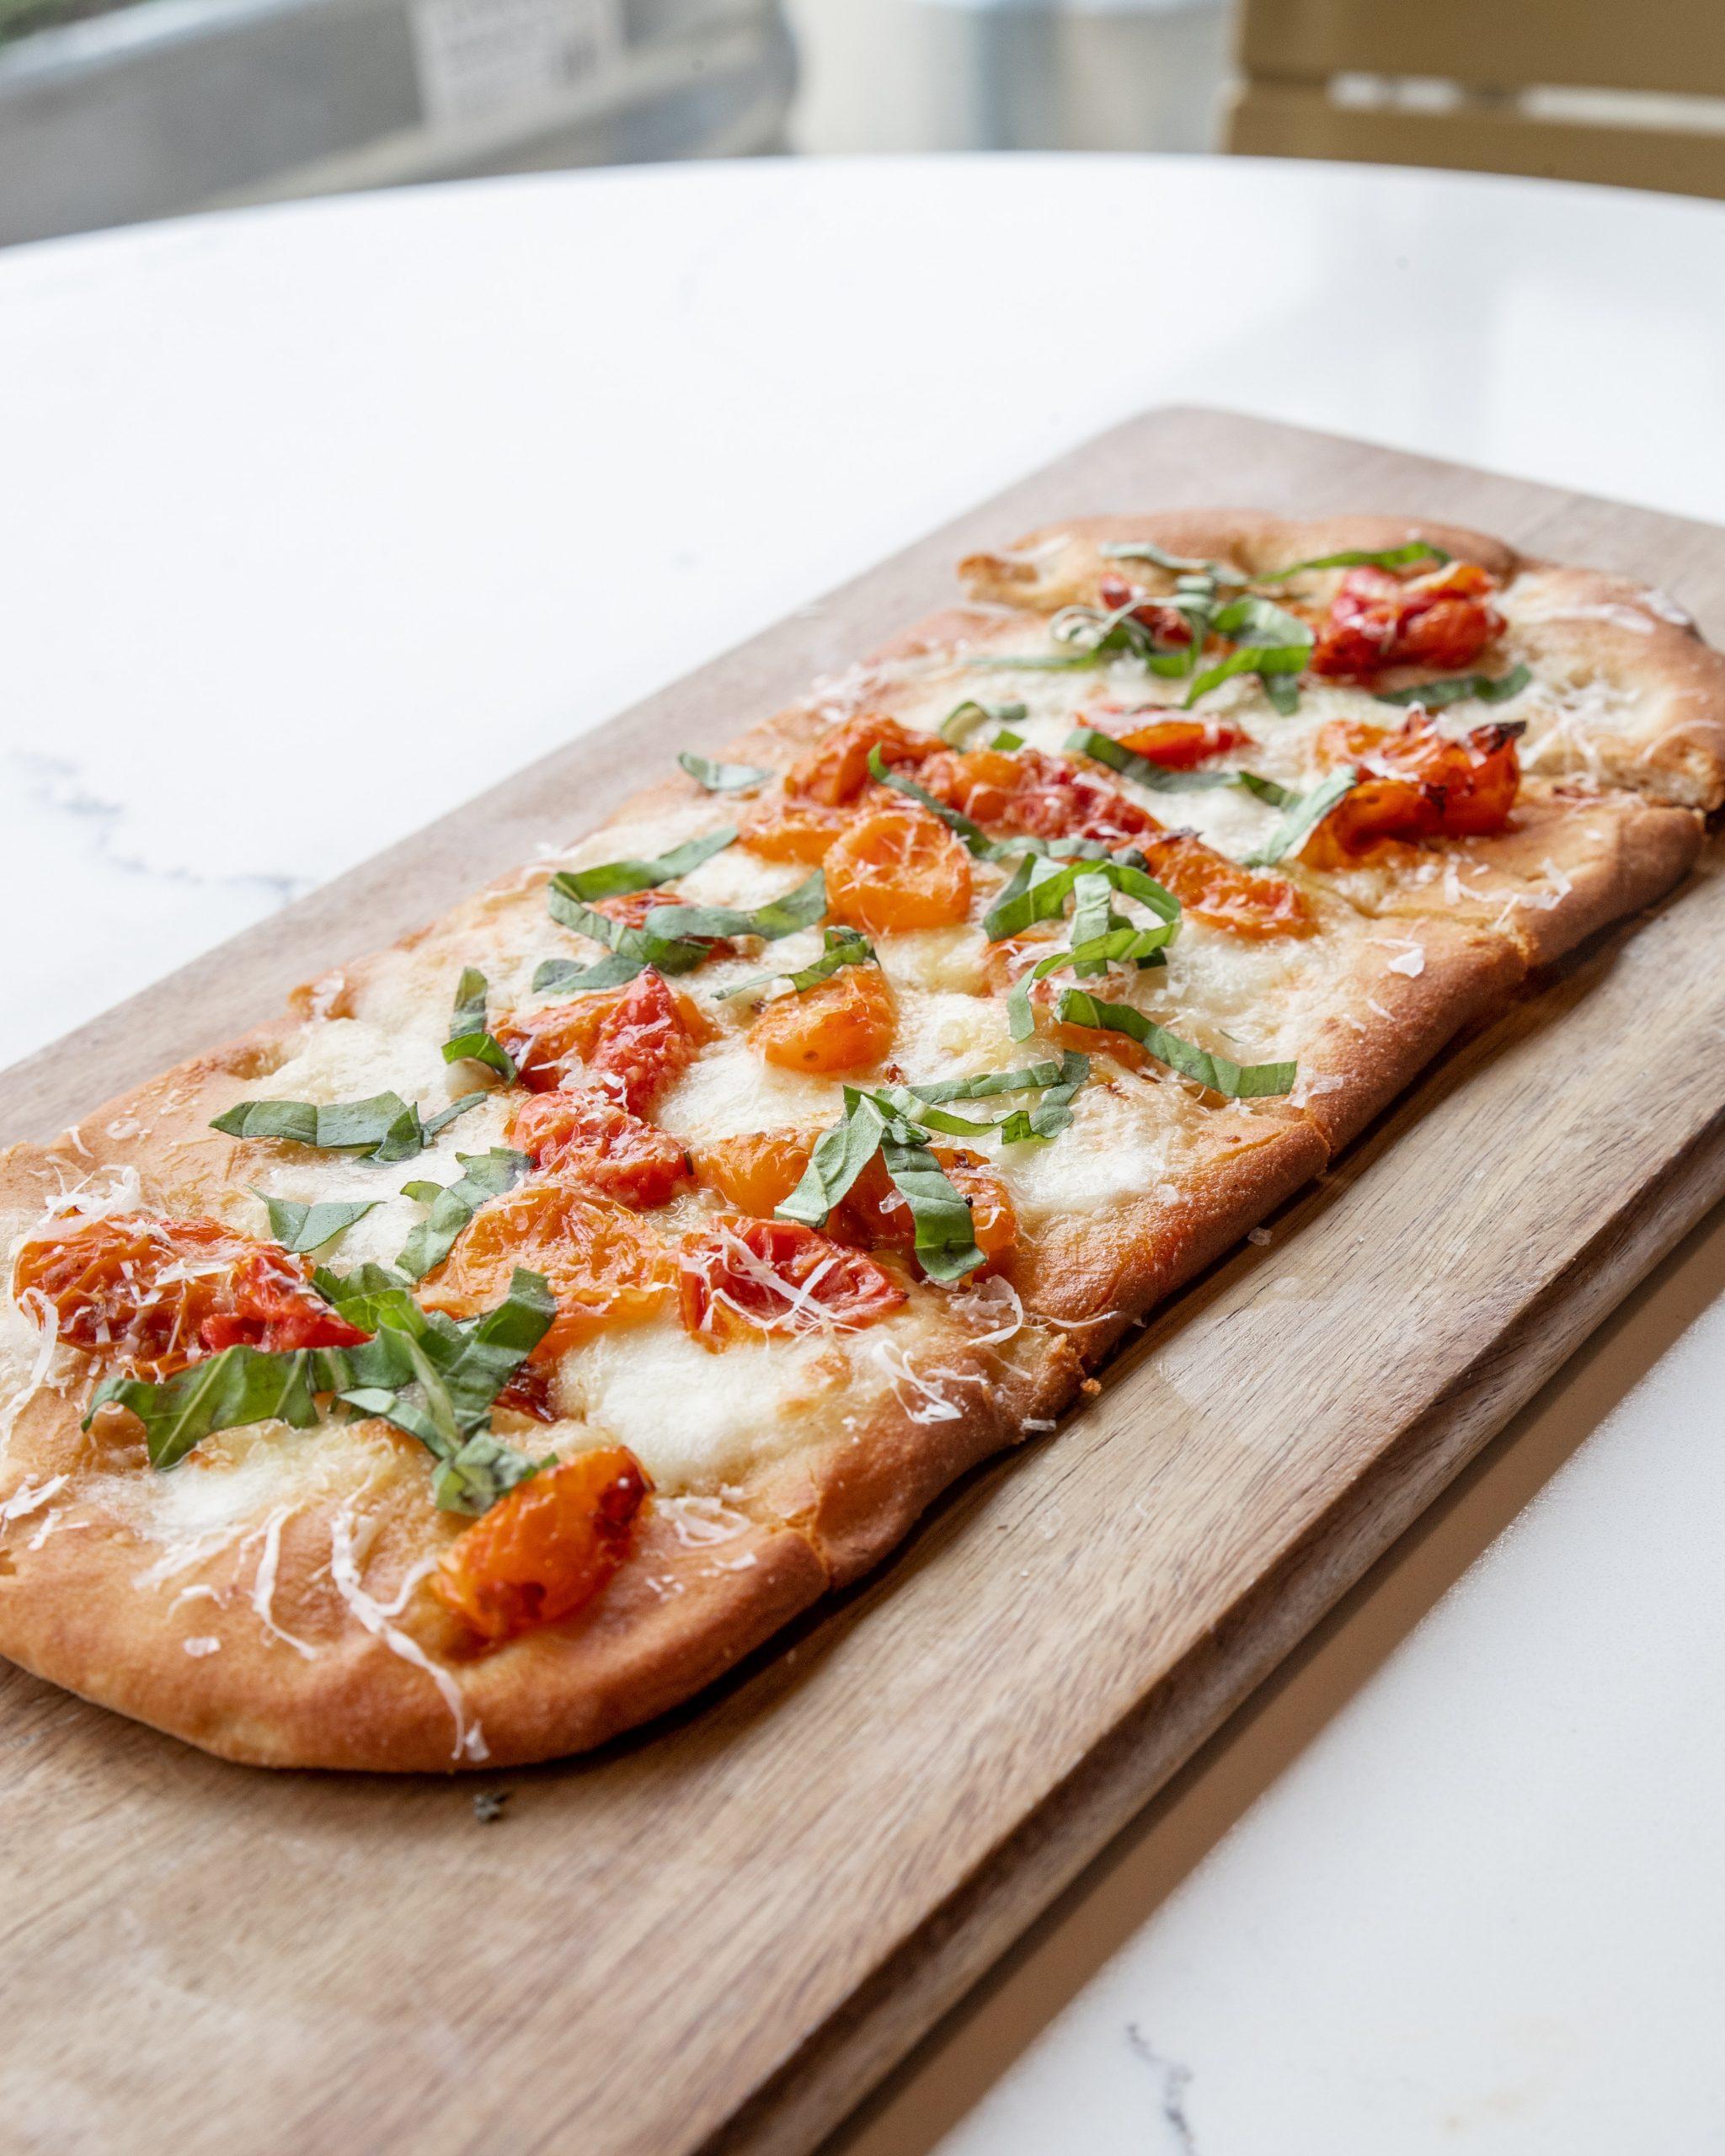 RT Pizza pexels-spencer-davis-4340677